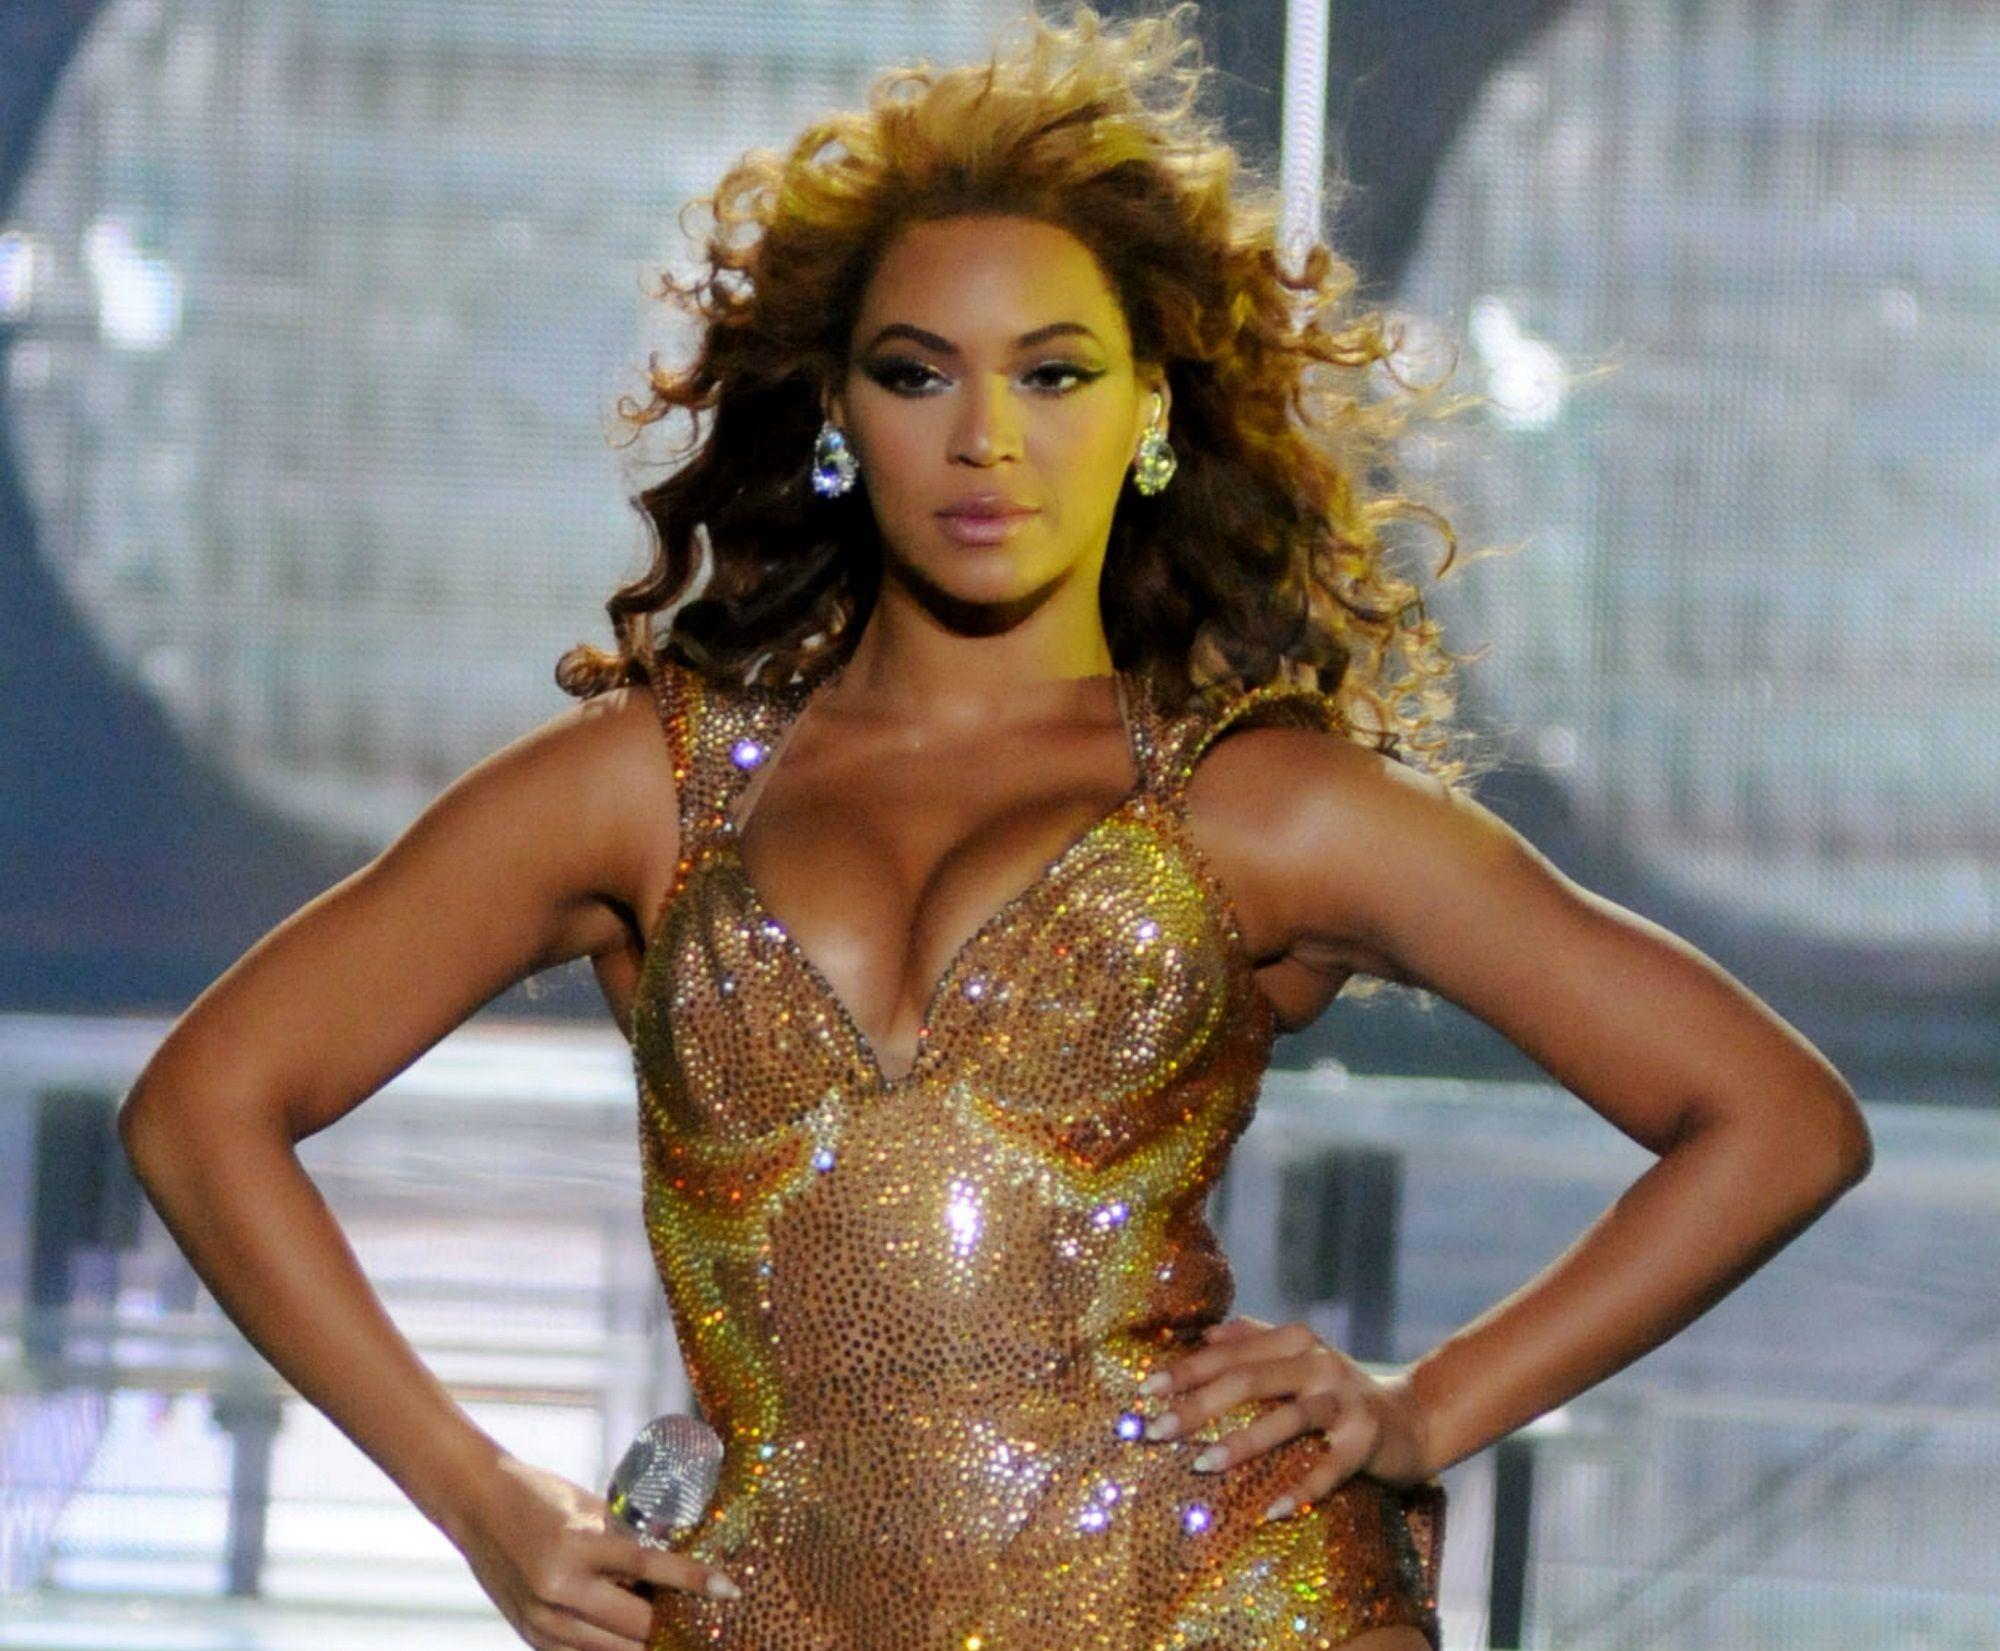 12. Beyonce